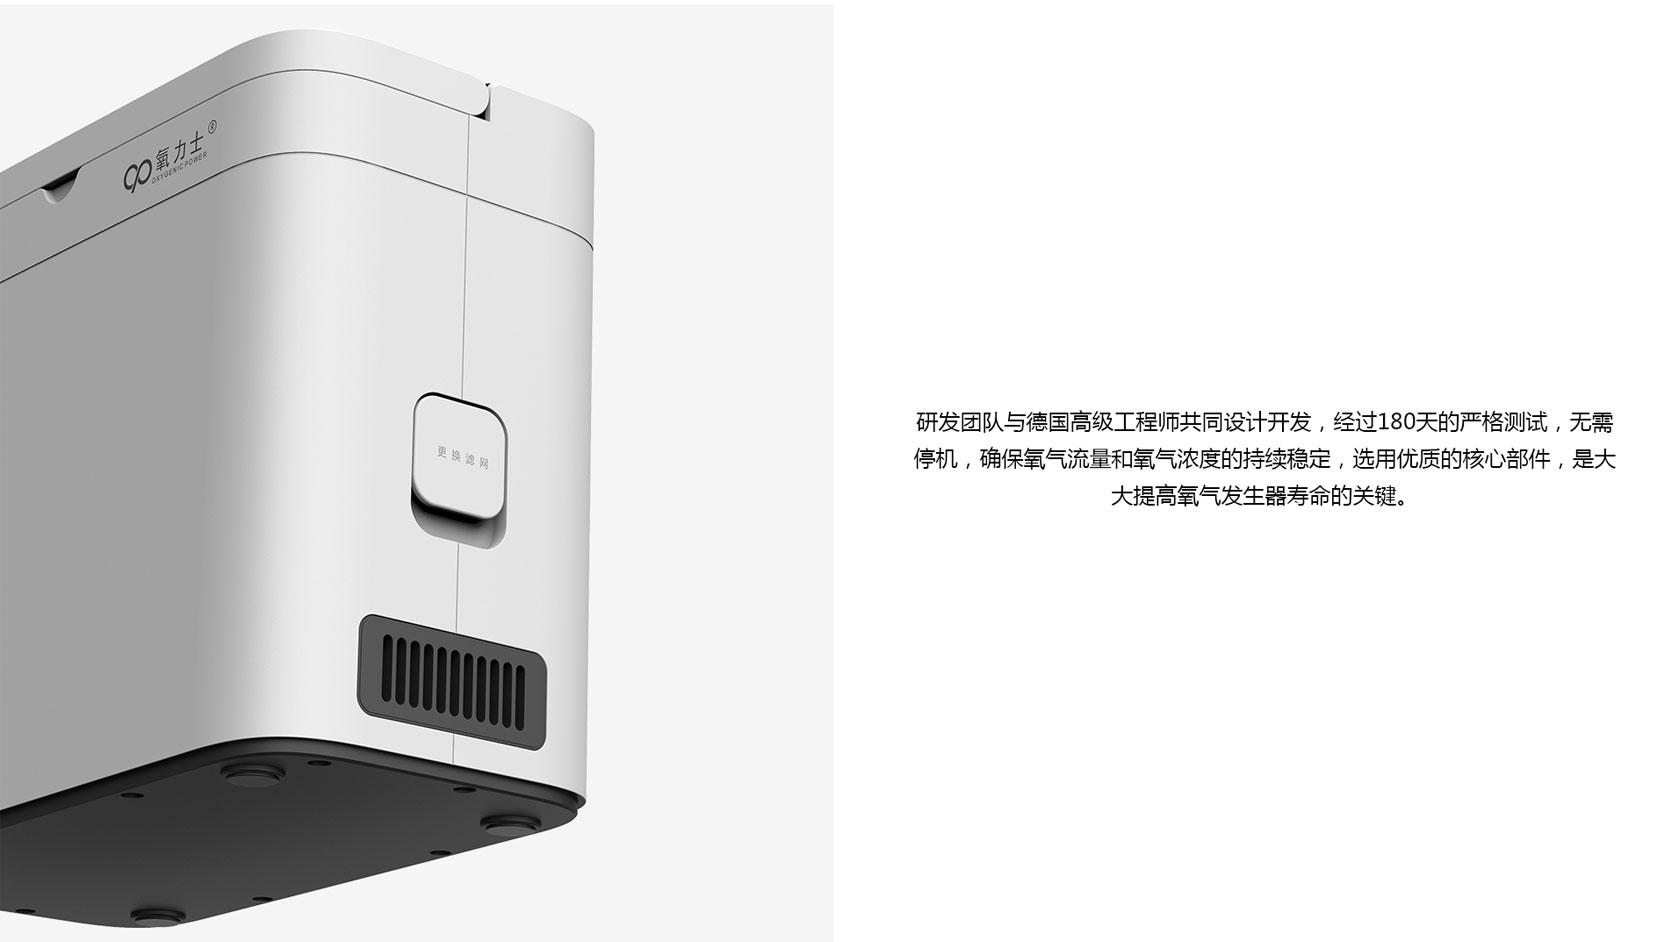 制氧气机设计4.jpg